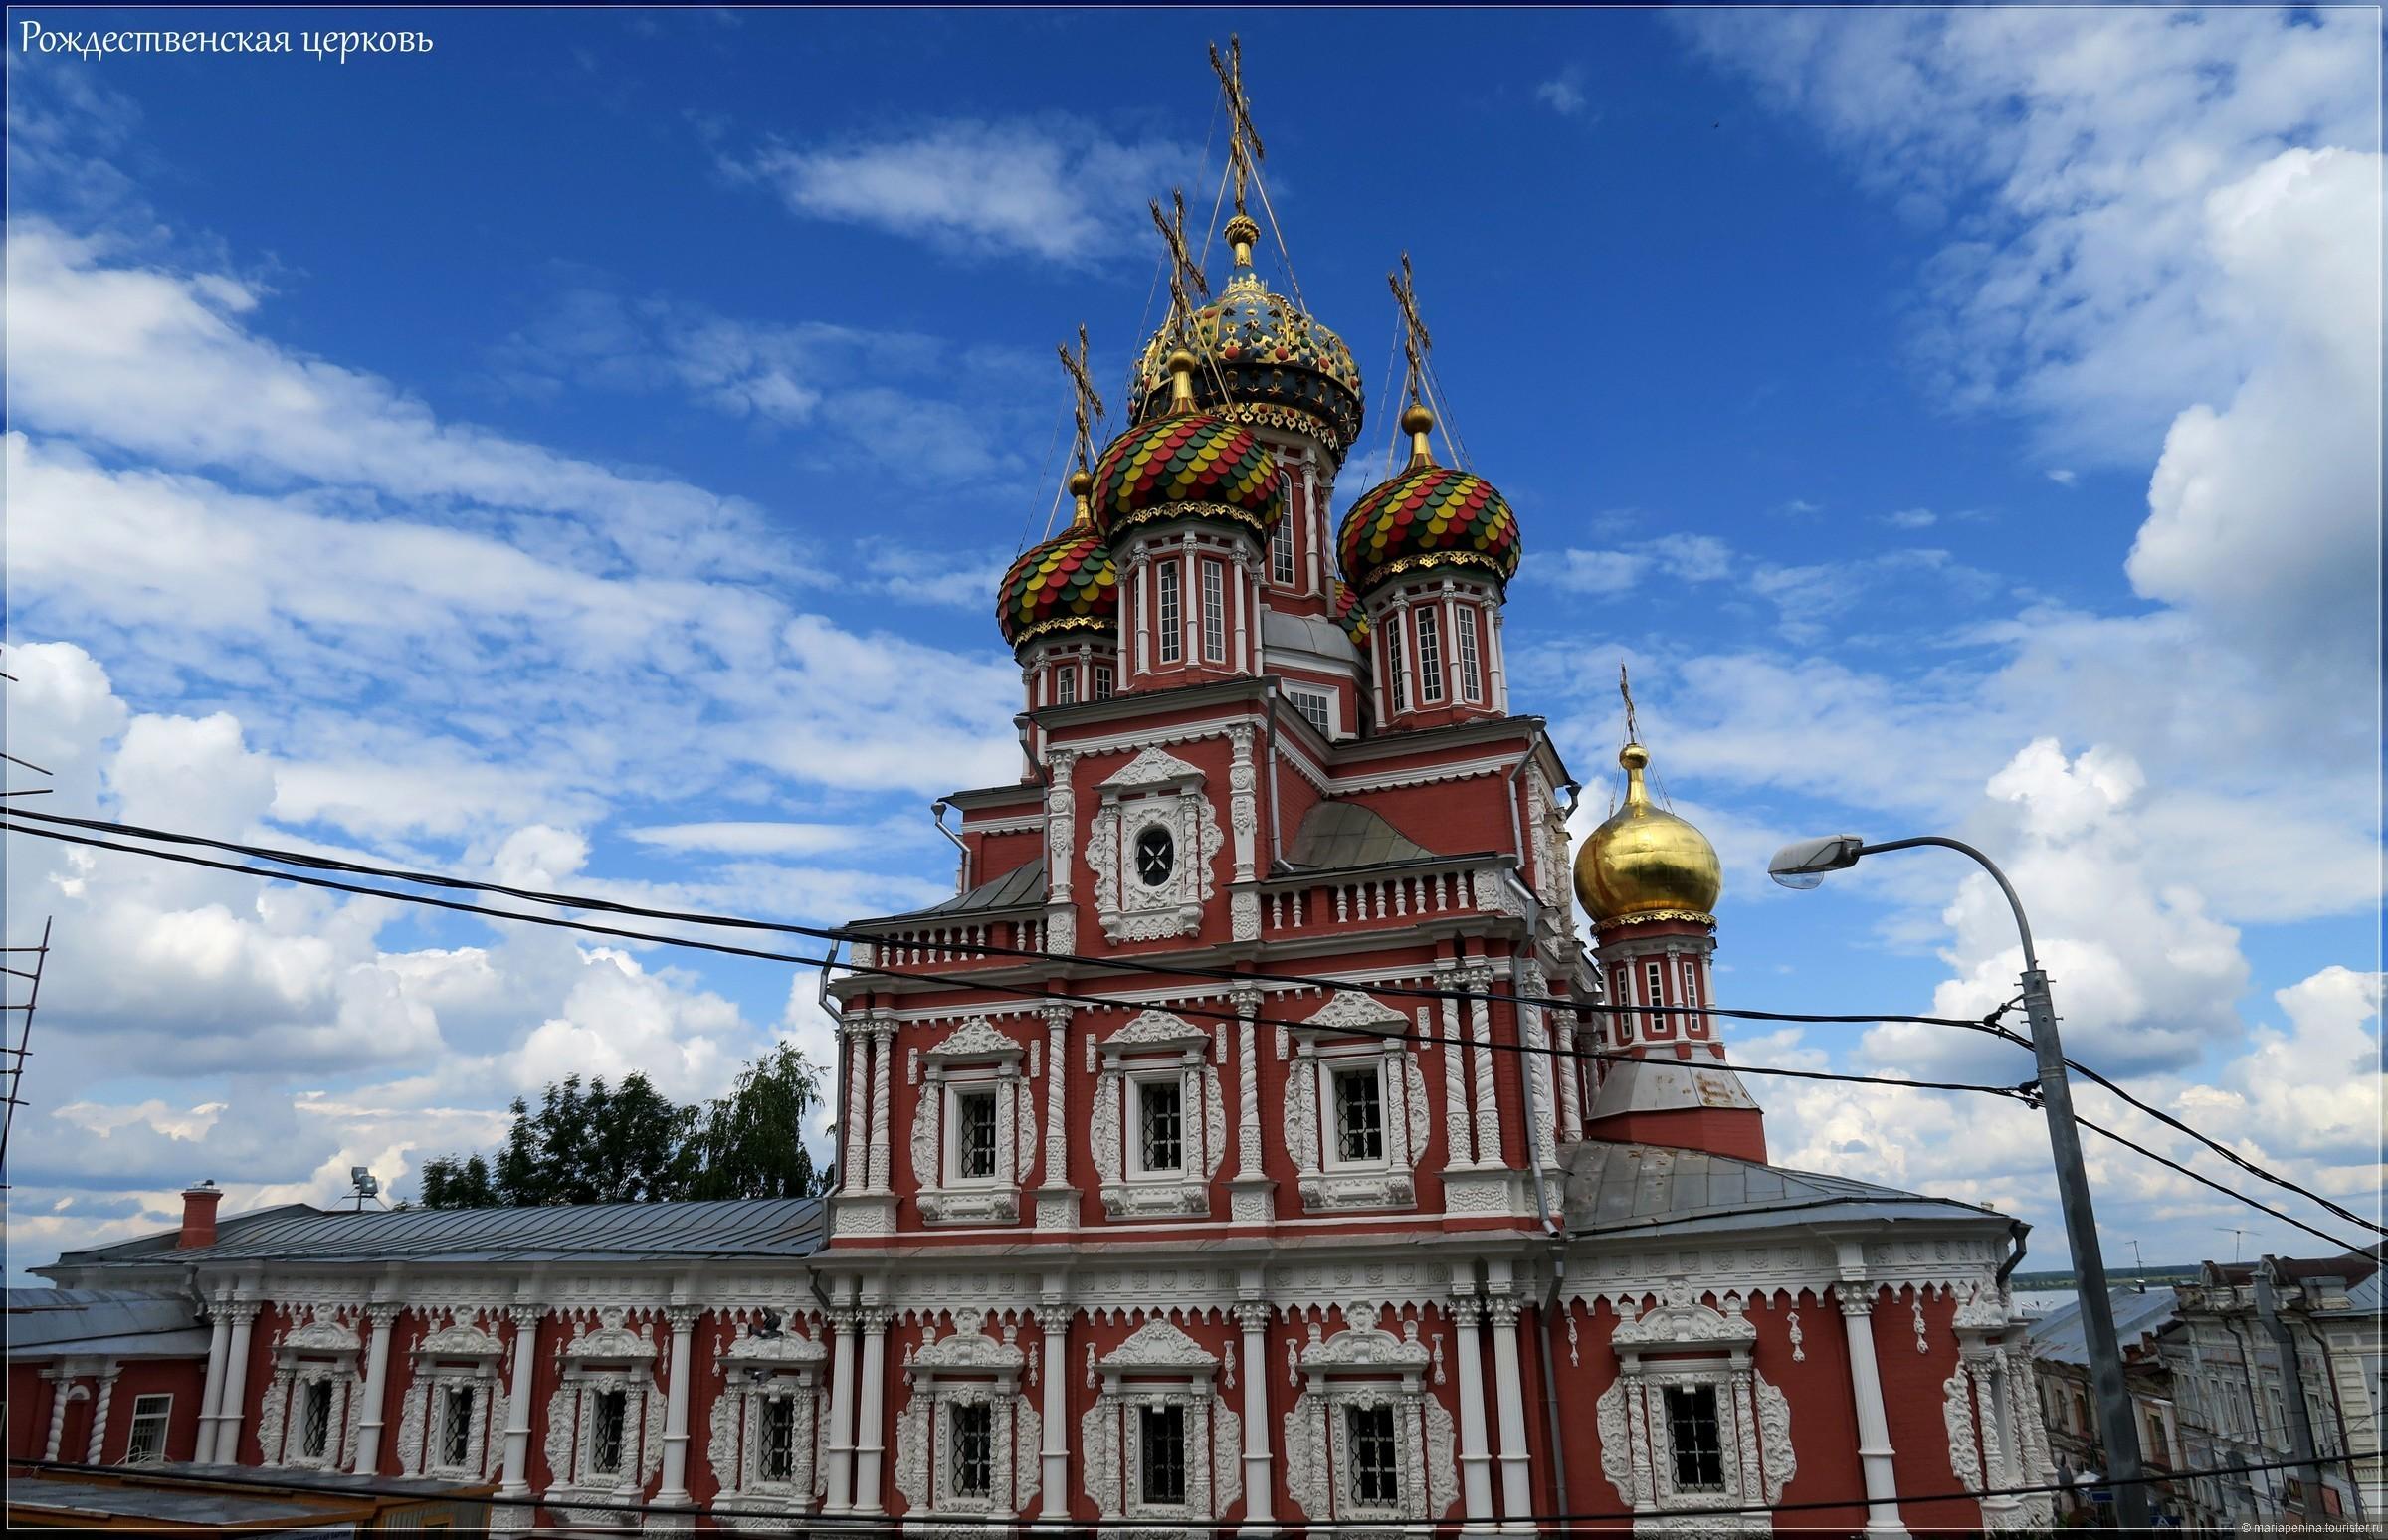 Нижний Новгород (Нижегородская область)